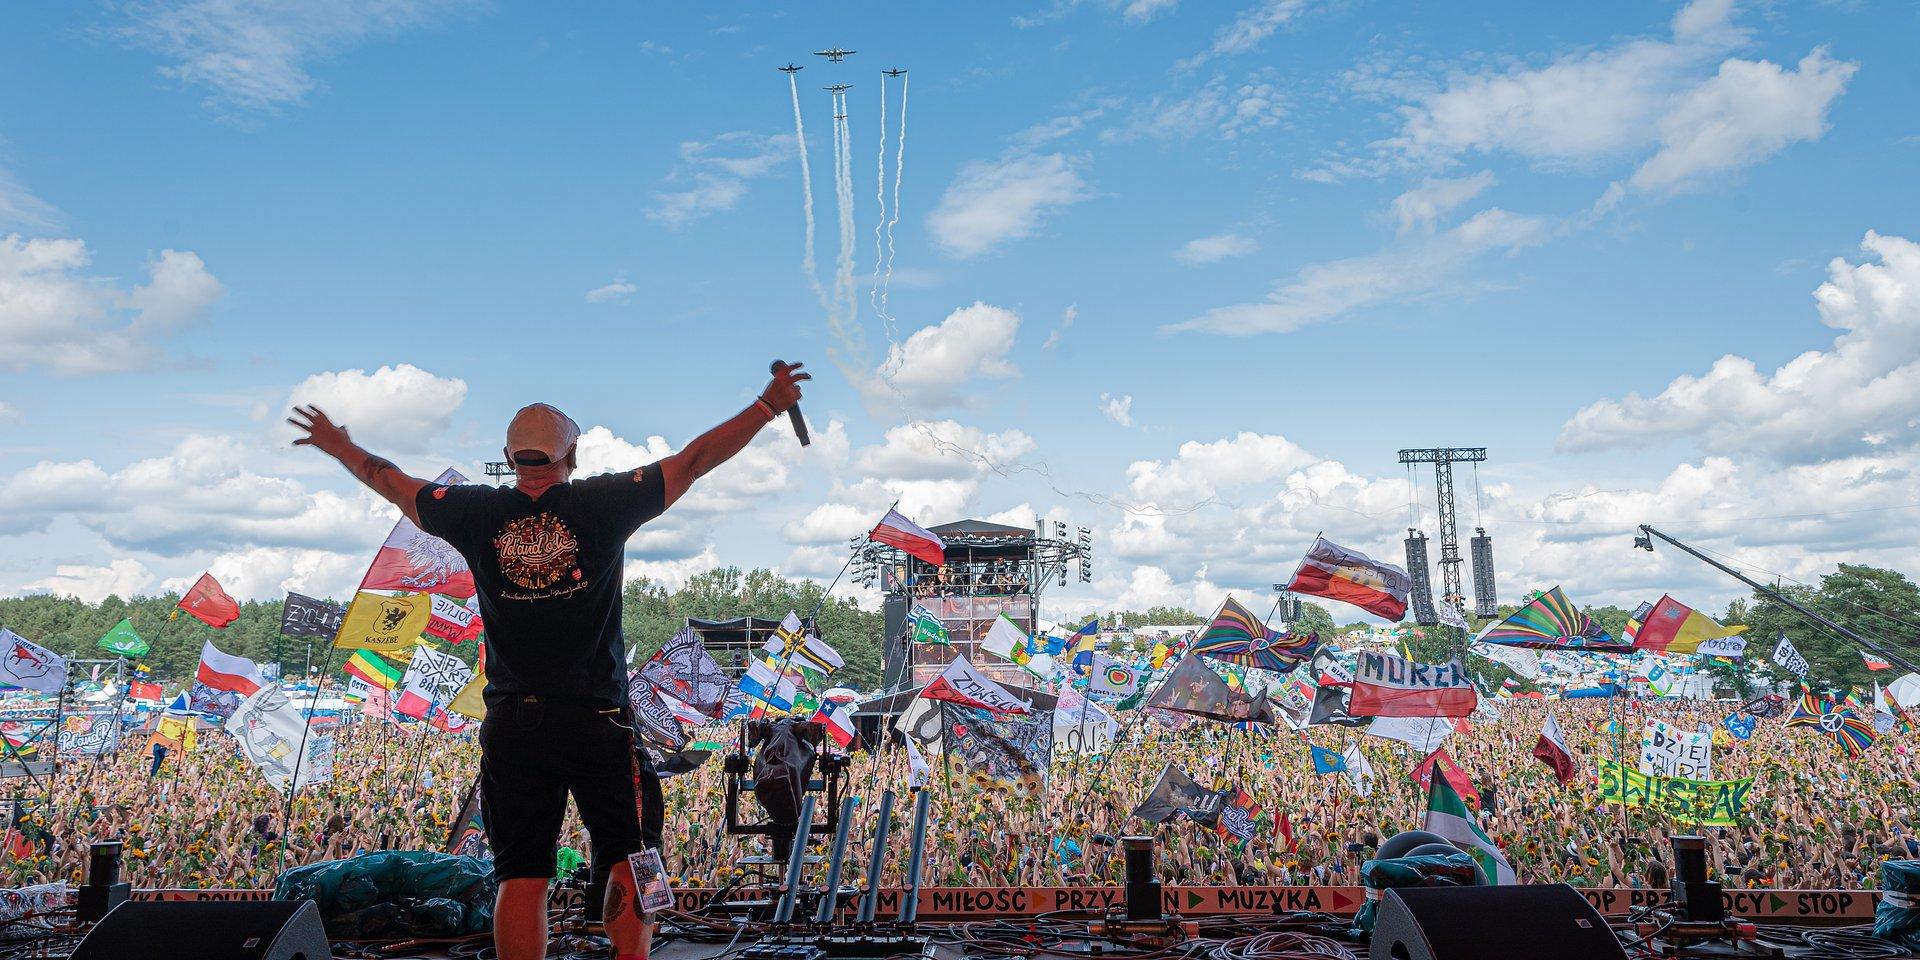 Rusza proces akredytacji na 26. Pol'and'Rock Festival online - Najpiękniejszą Domówkę Świata